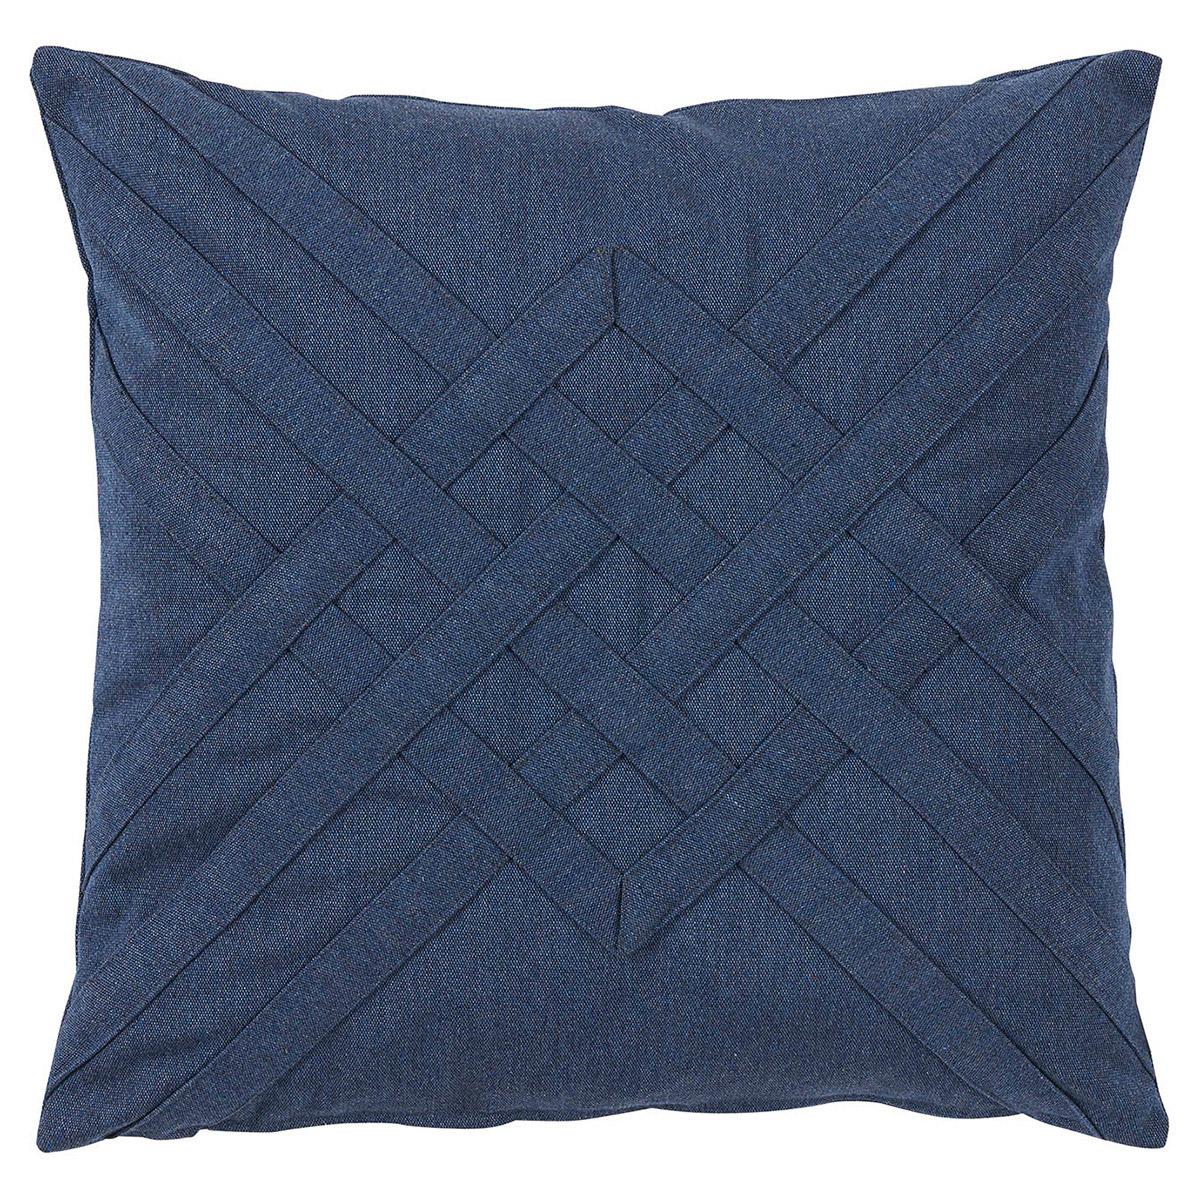 Will Modern Blue Lattice Weave Outdoor Pillow - 20x20